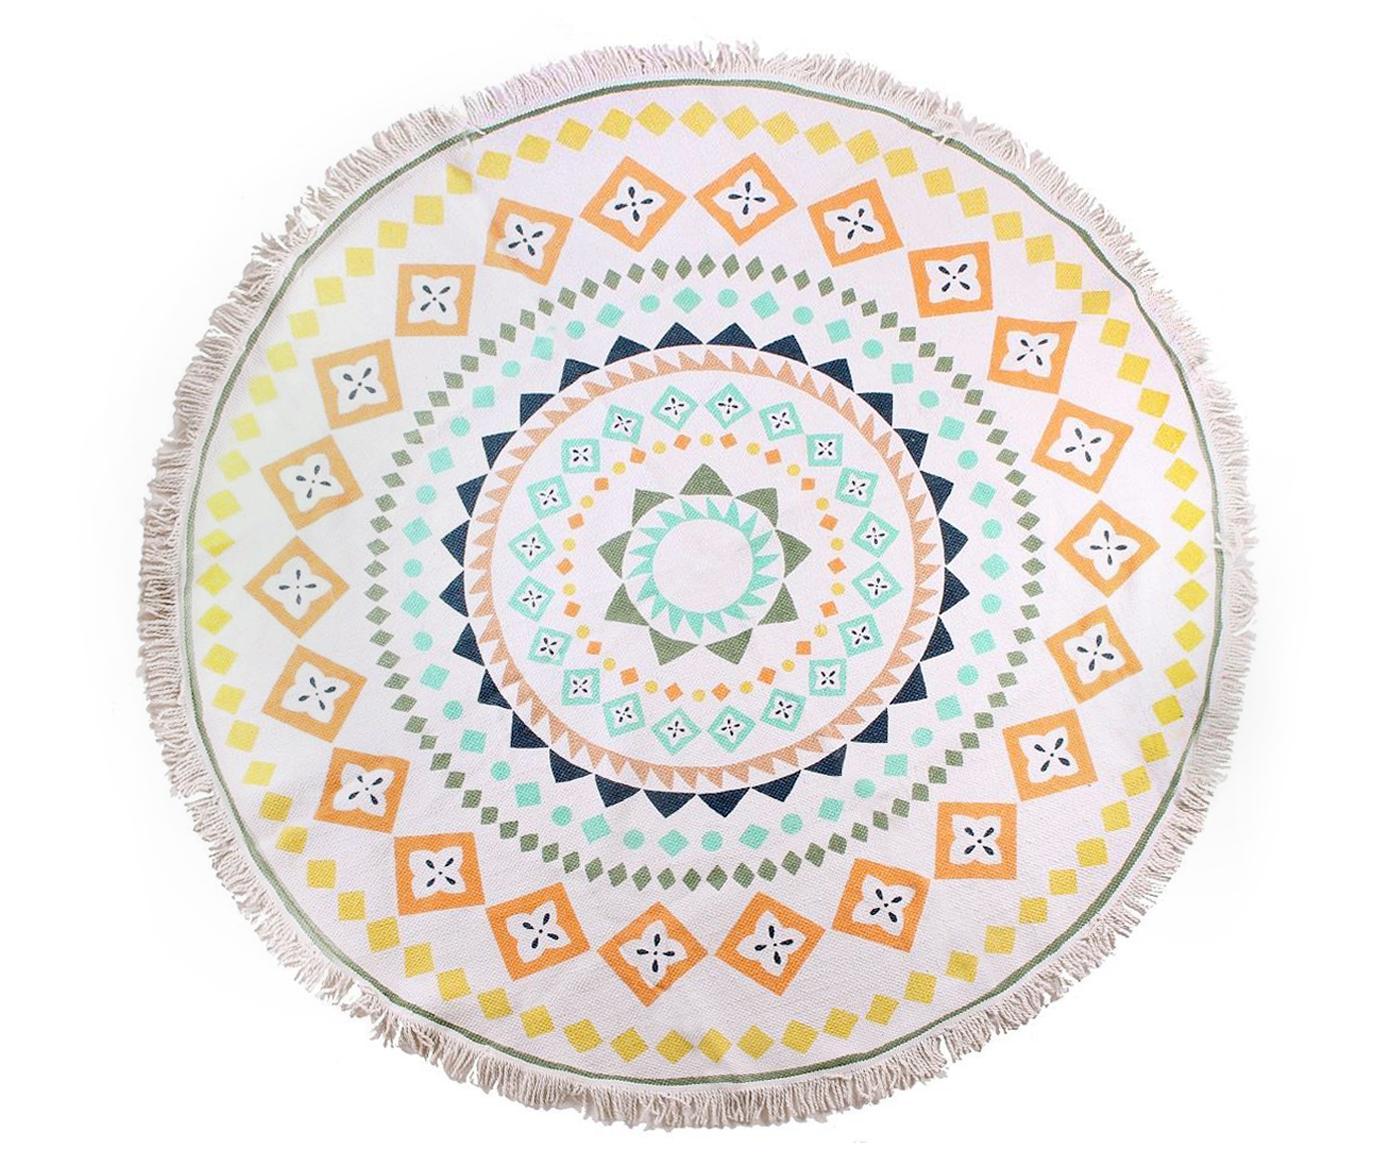 Okrągły dywan Helge, Bawełna, Biały, wielobarwny, Ø 180 cm